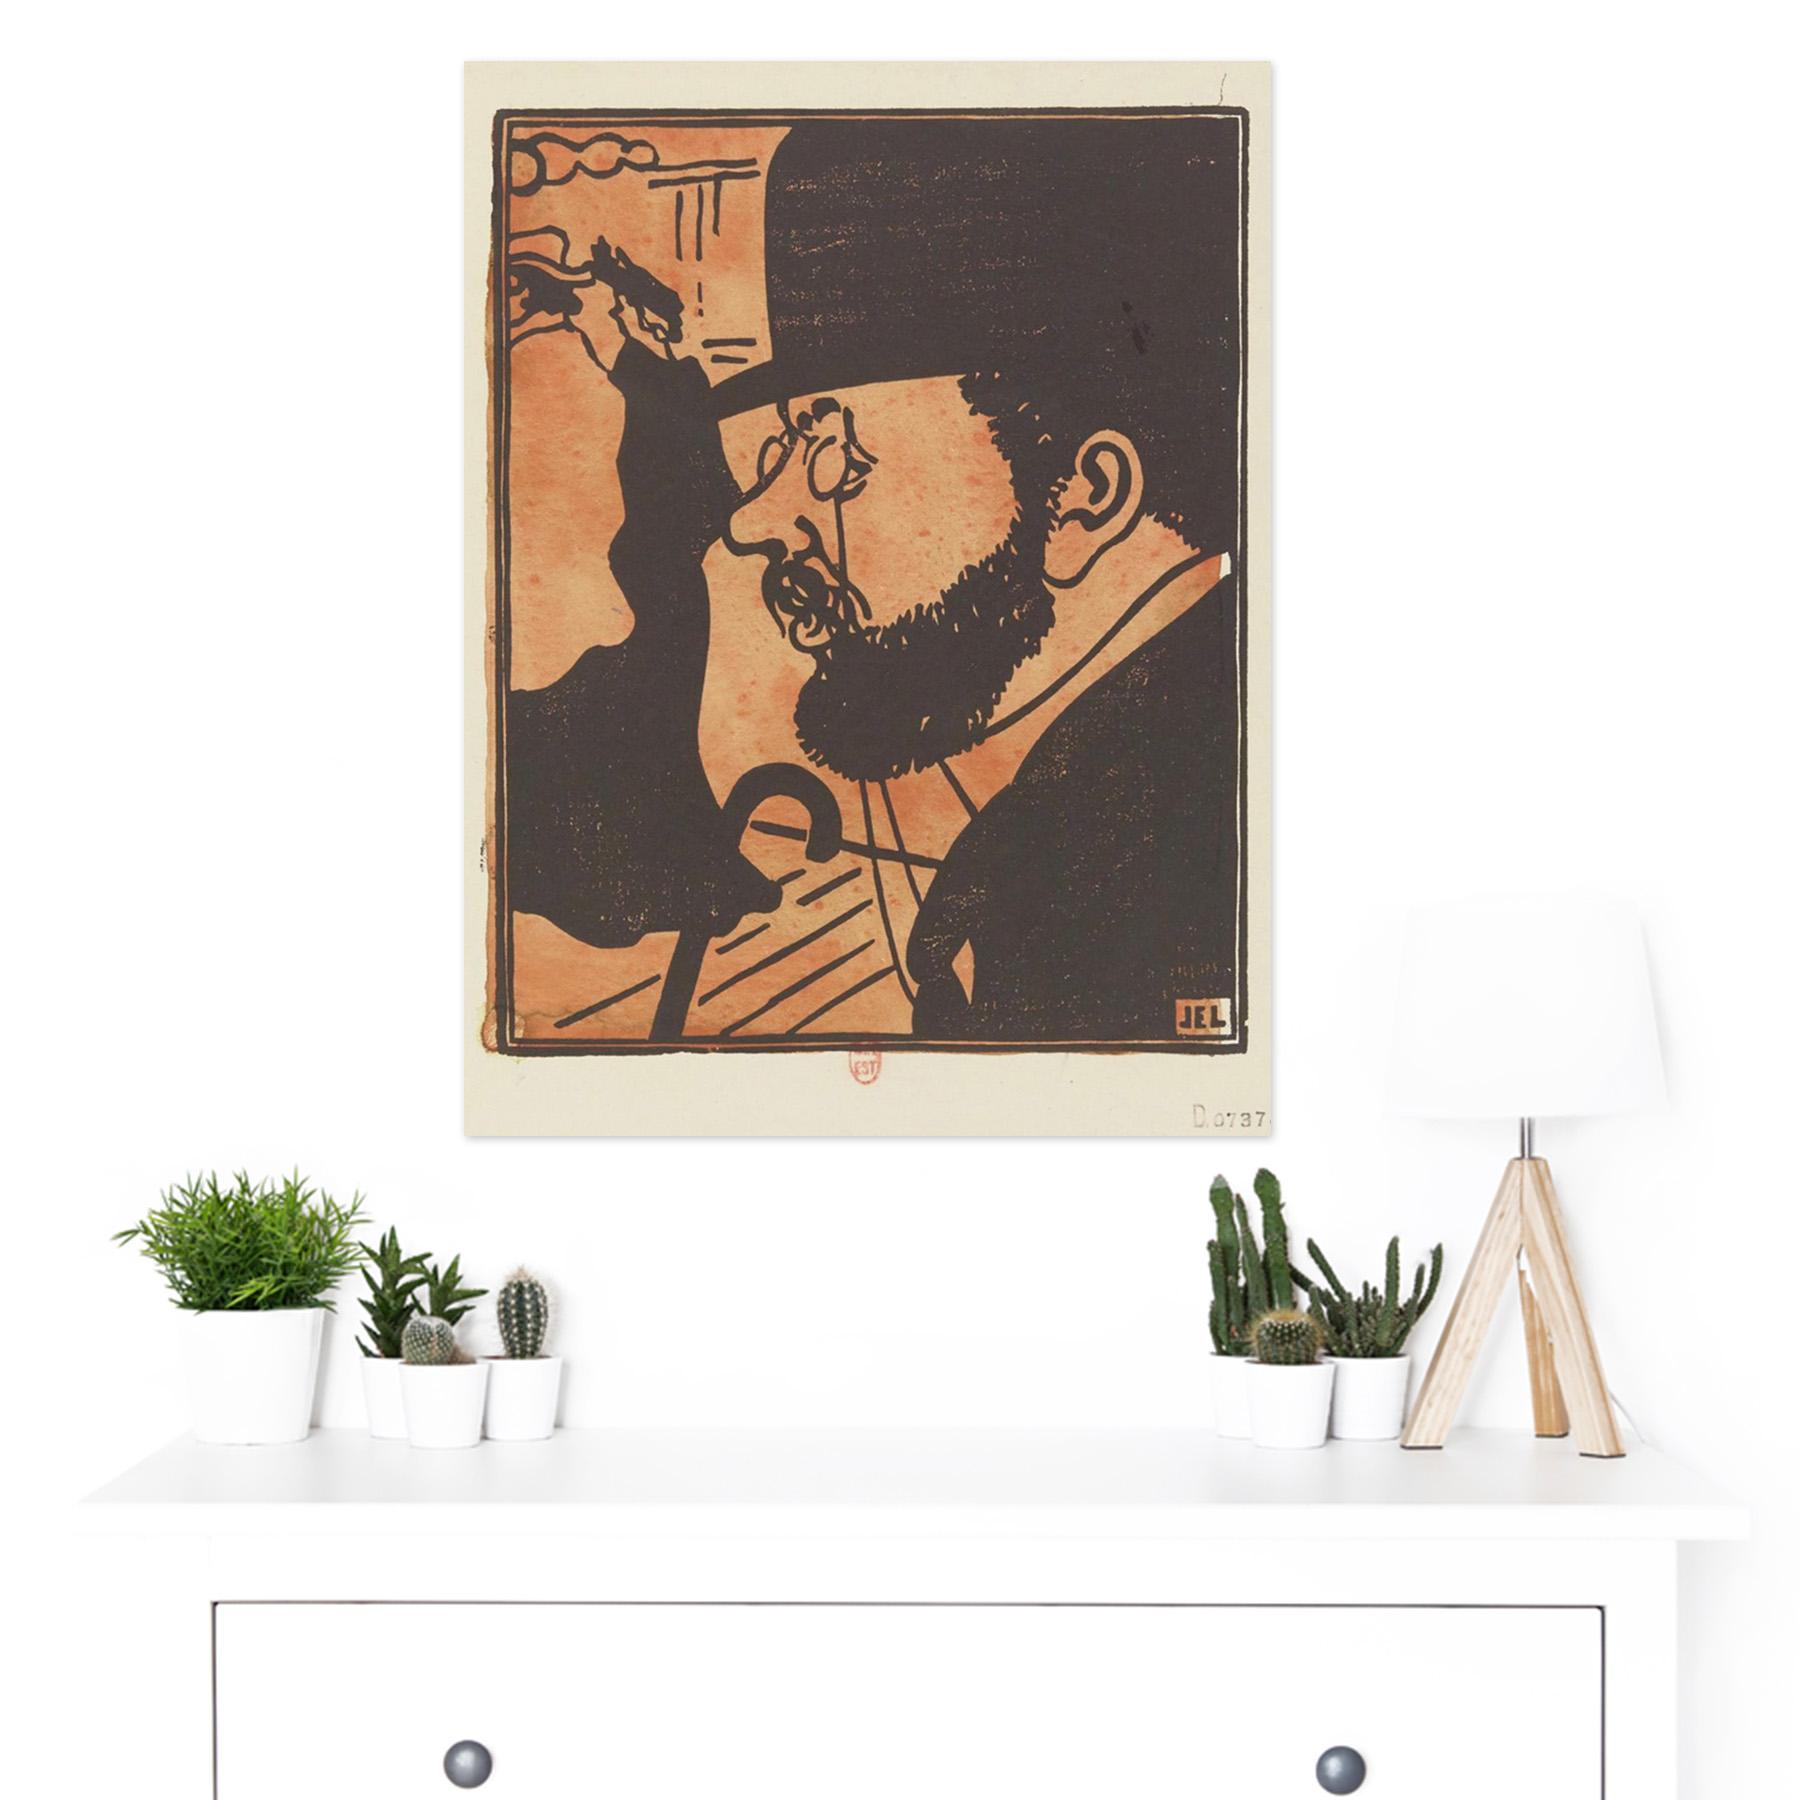 Laboureur-Portrait-Toulouse-Lautrec-Engraving-Large-Framed-Art-Print thumbnail 3